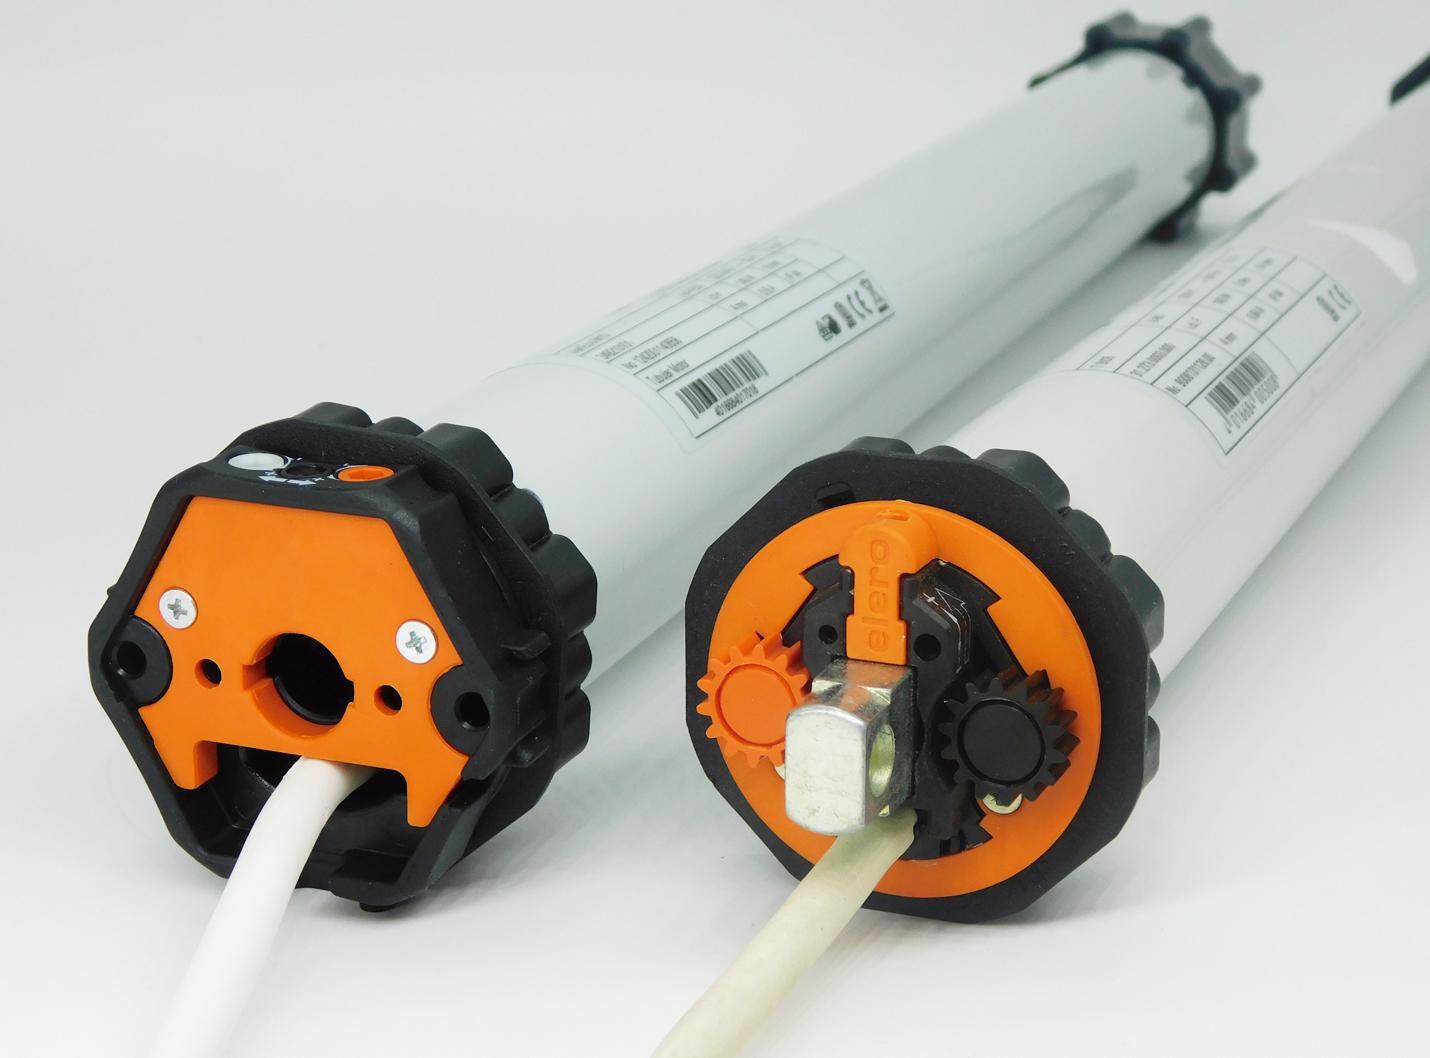 Raparatur Elero T9//0.5 ACS-E Überholung!!!